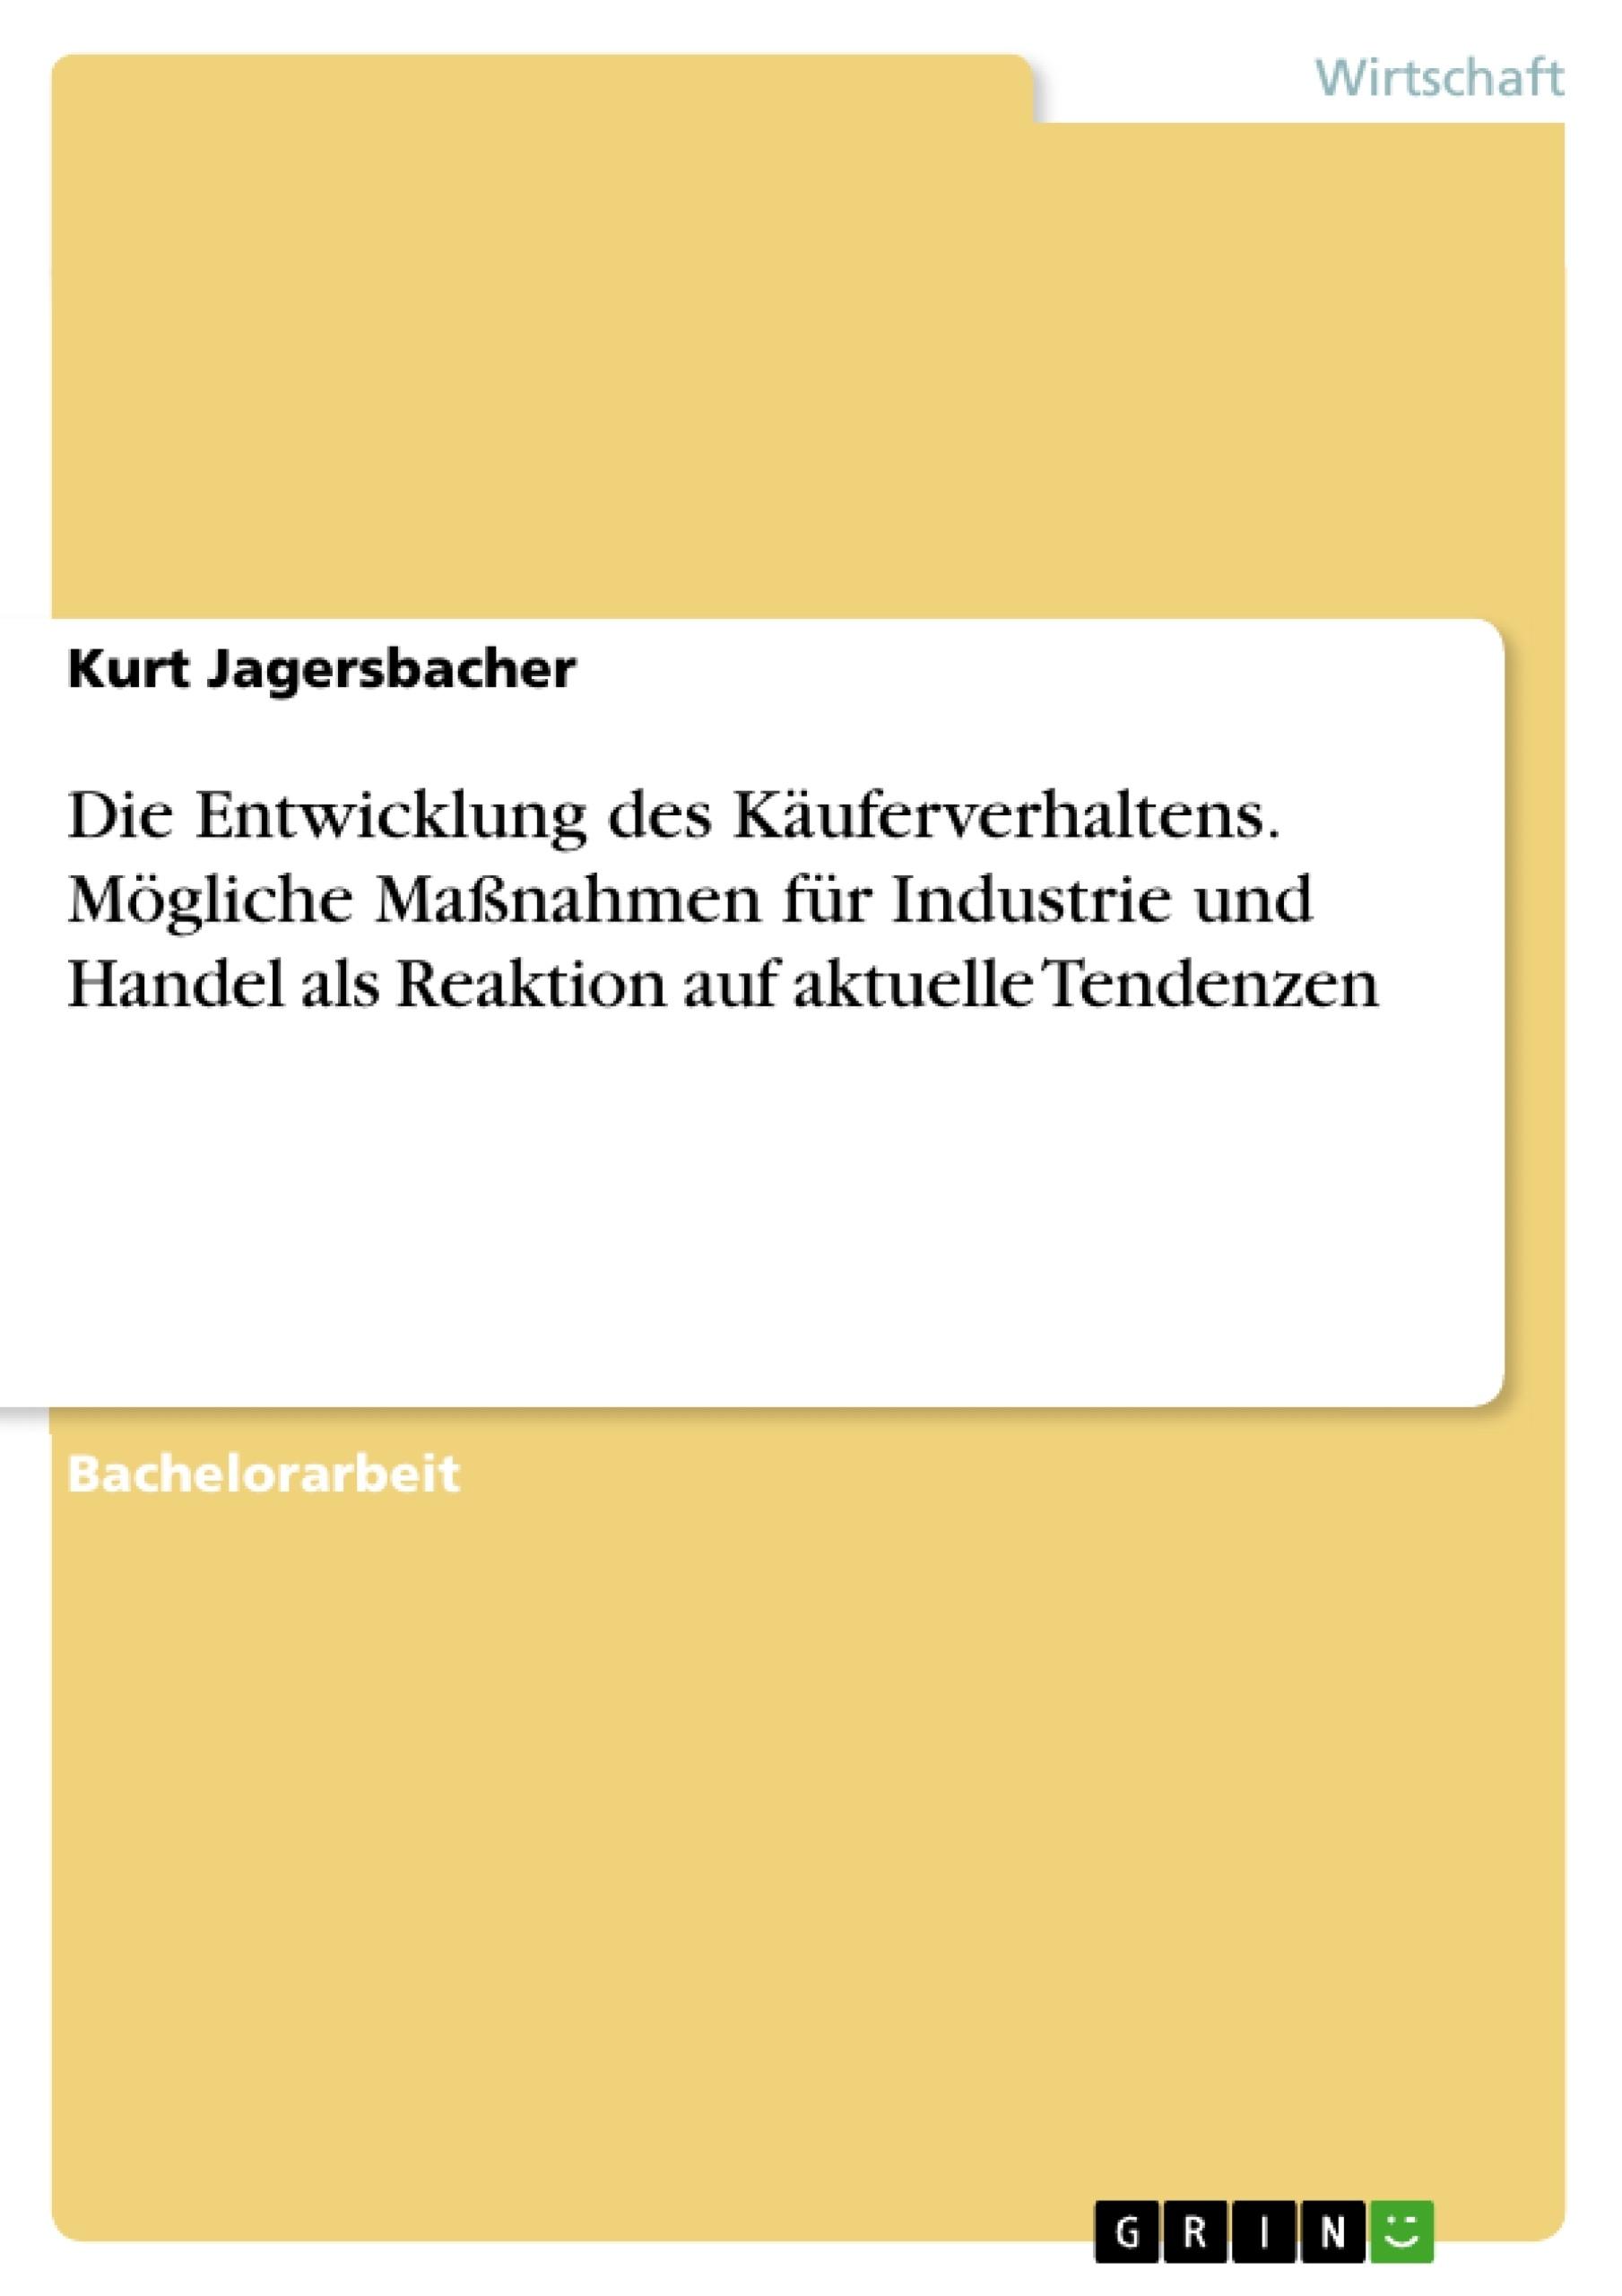 Titel: Die Entwicklung des Käuferverhaltens. Mögliche Maßnahmen für Industrie und Handel als Reaktion auf aktuelle Tendenzen